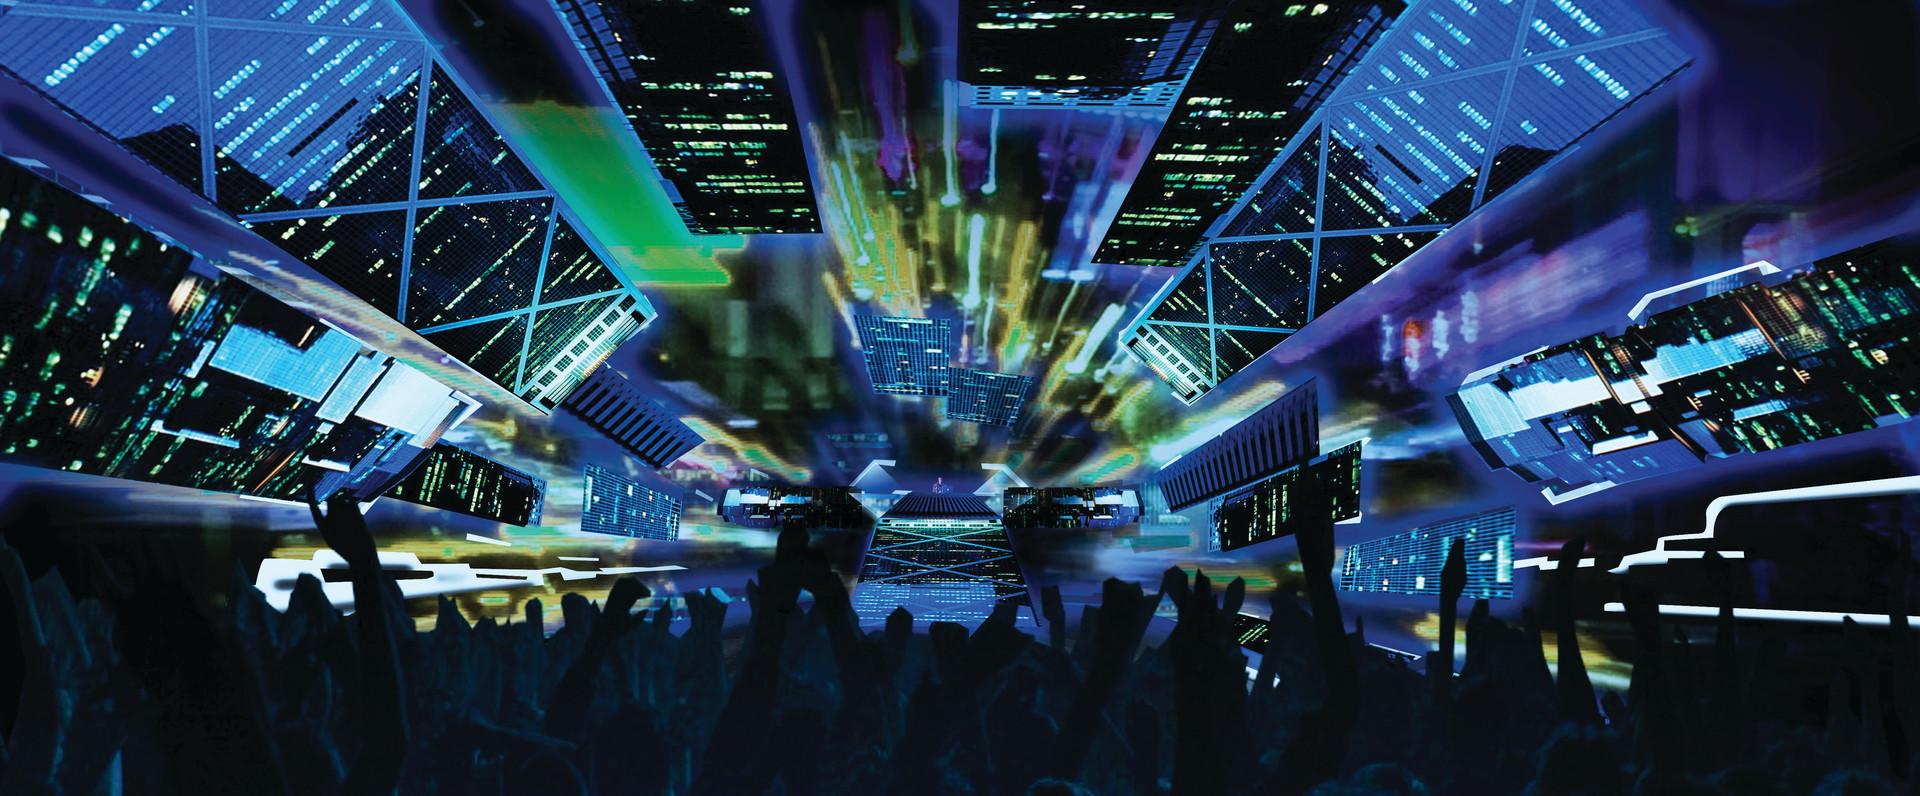 Immersive DJ Set